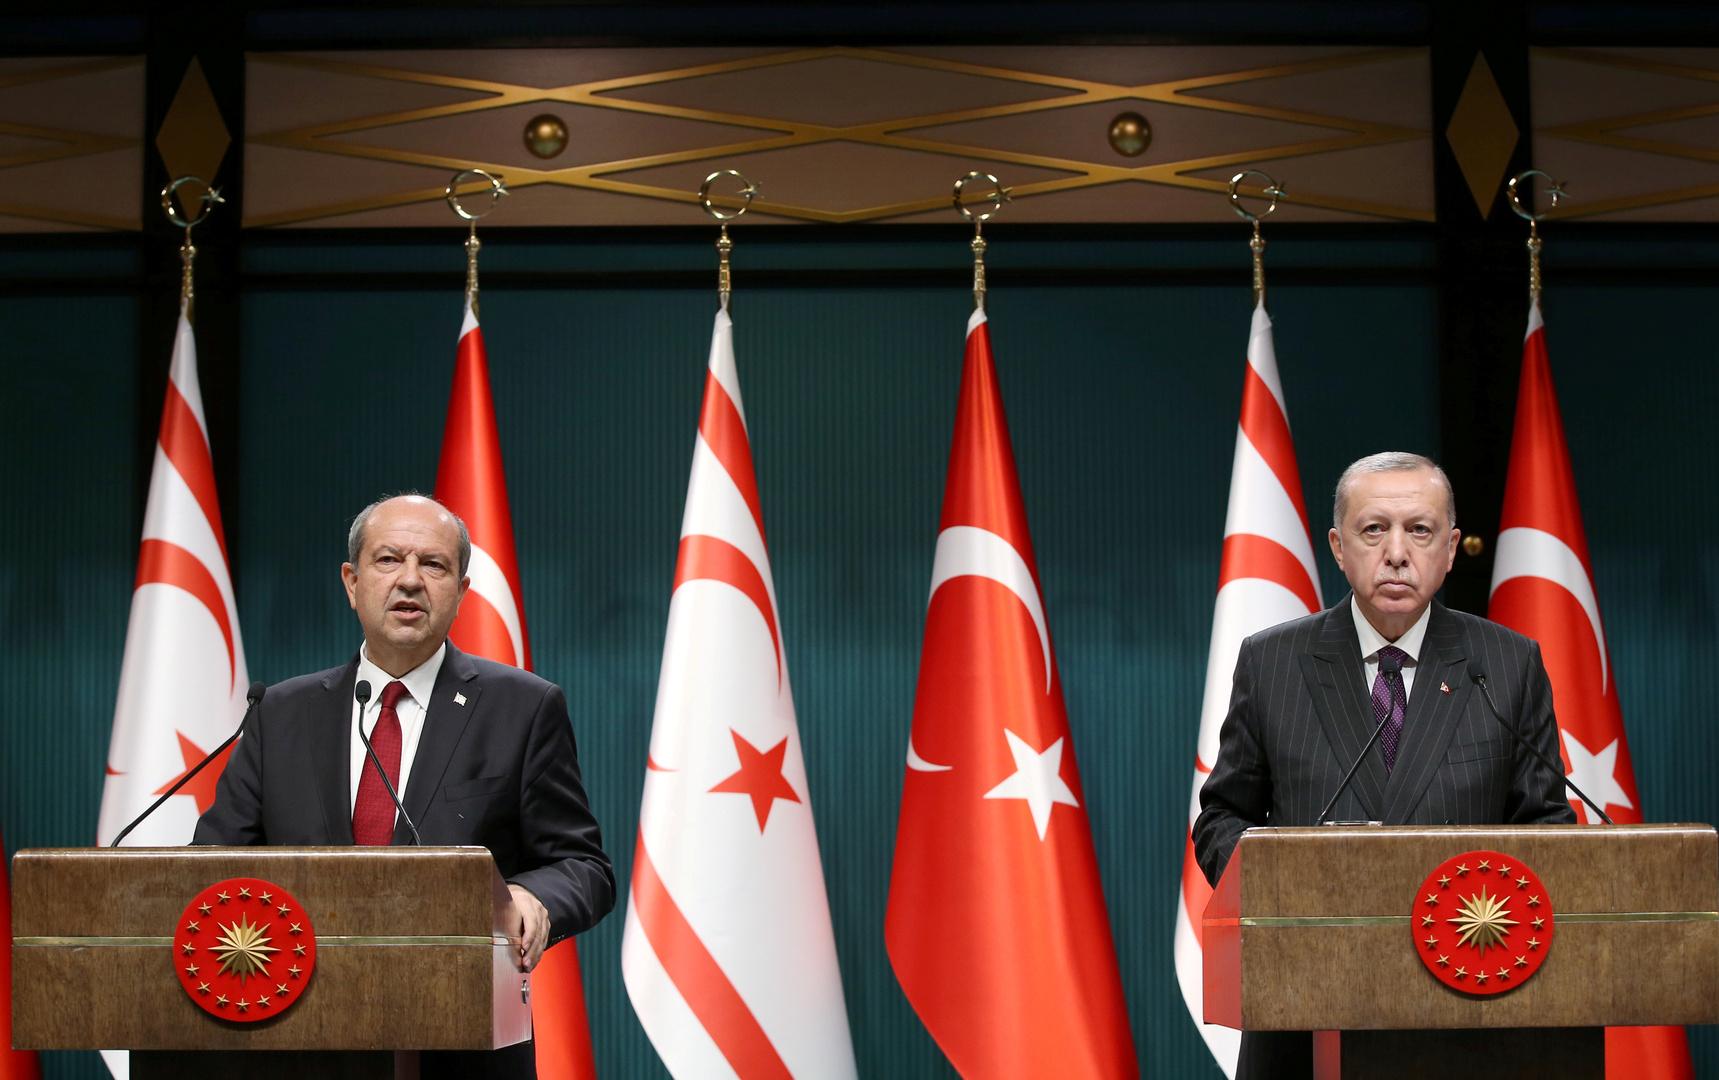 فوز مرشح مدعوم من تركيا في انتخابات رئاسة جمهورية شمال قبرص غير المعترف بها